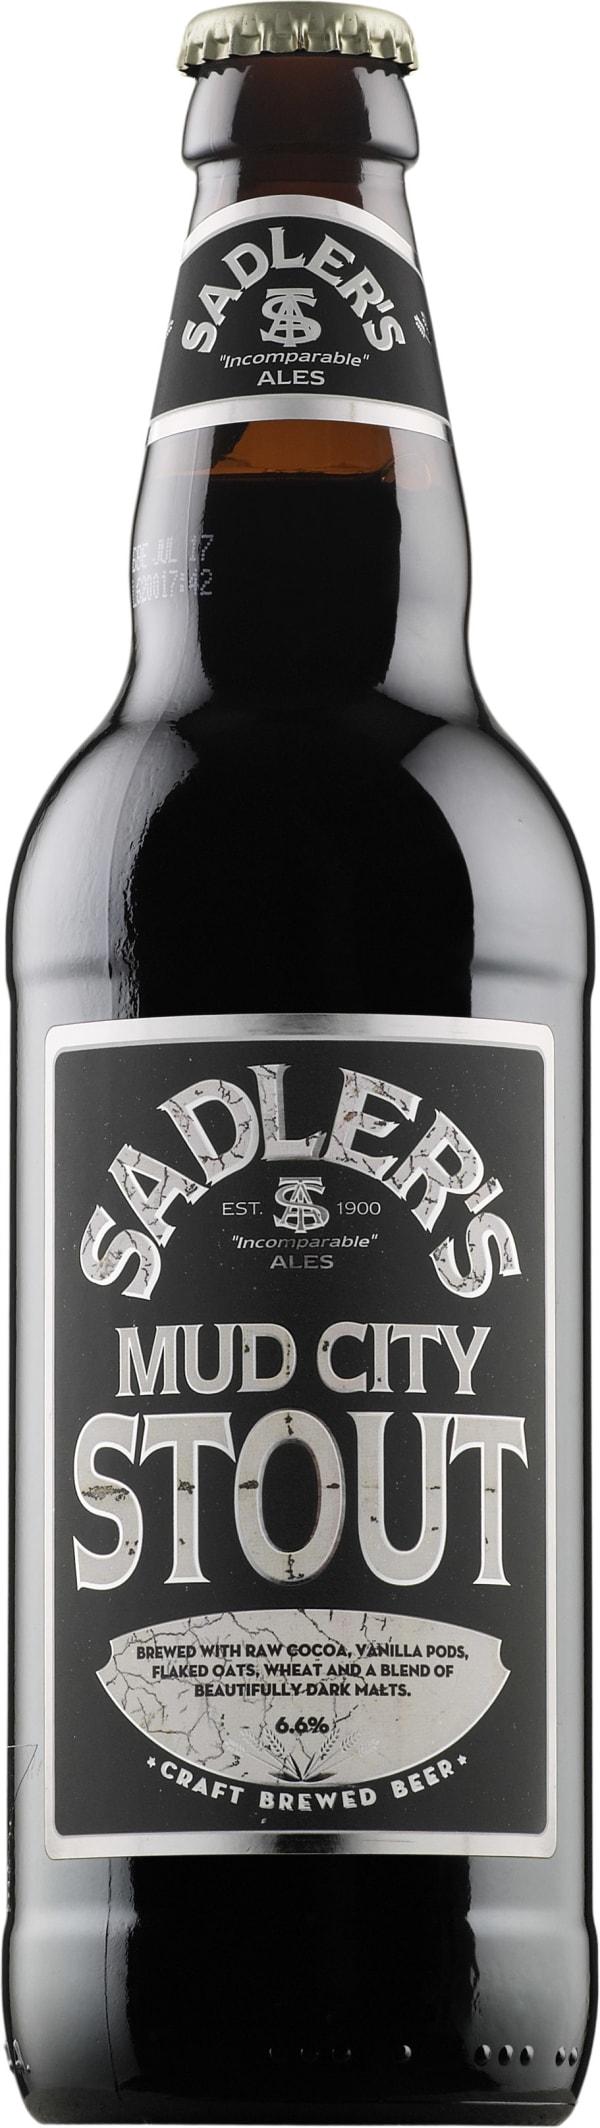 Sadler's Mud City Stout